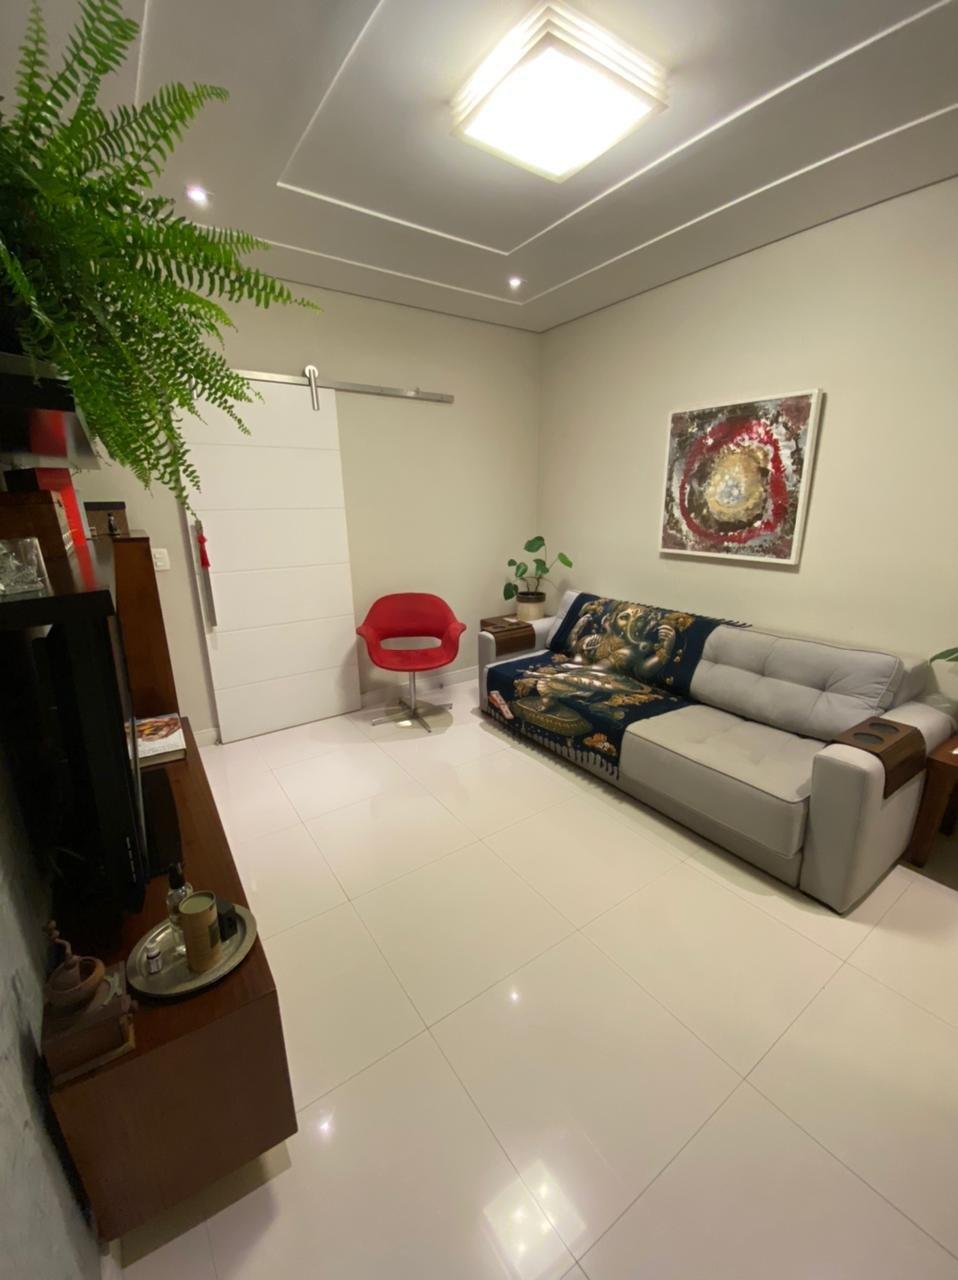 Foto de Sala com vaso de planta, sofá, televisão, cadeira, xícara